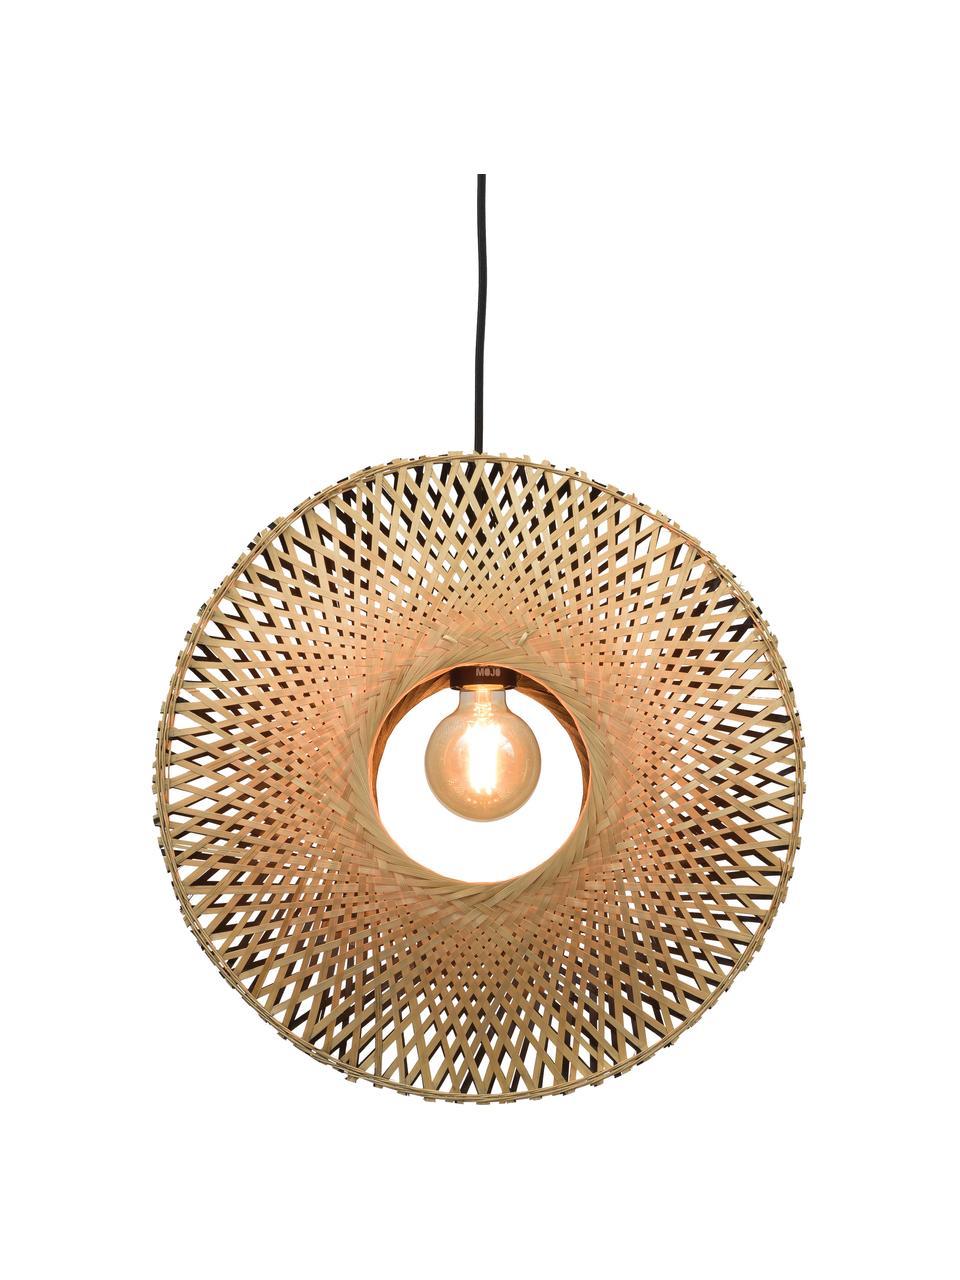 Hanglamp Kalimantan van bamboehout, Lampenkap: bamboe, Baldakijn: gecoat metaal, Beige, zwart, Ø 44 x H 44 cm